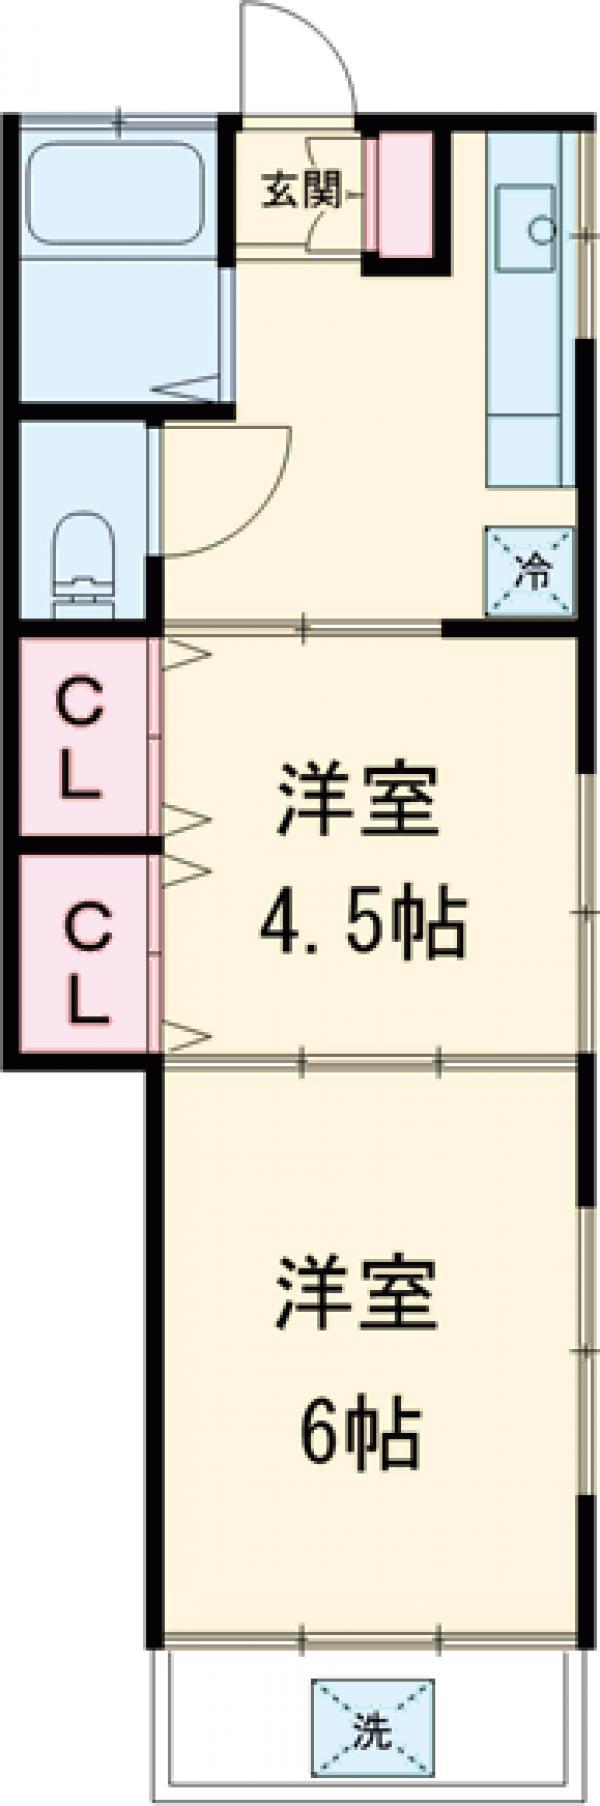 桜井ハイツ・1-A号室の間取り